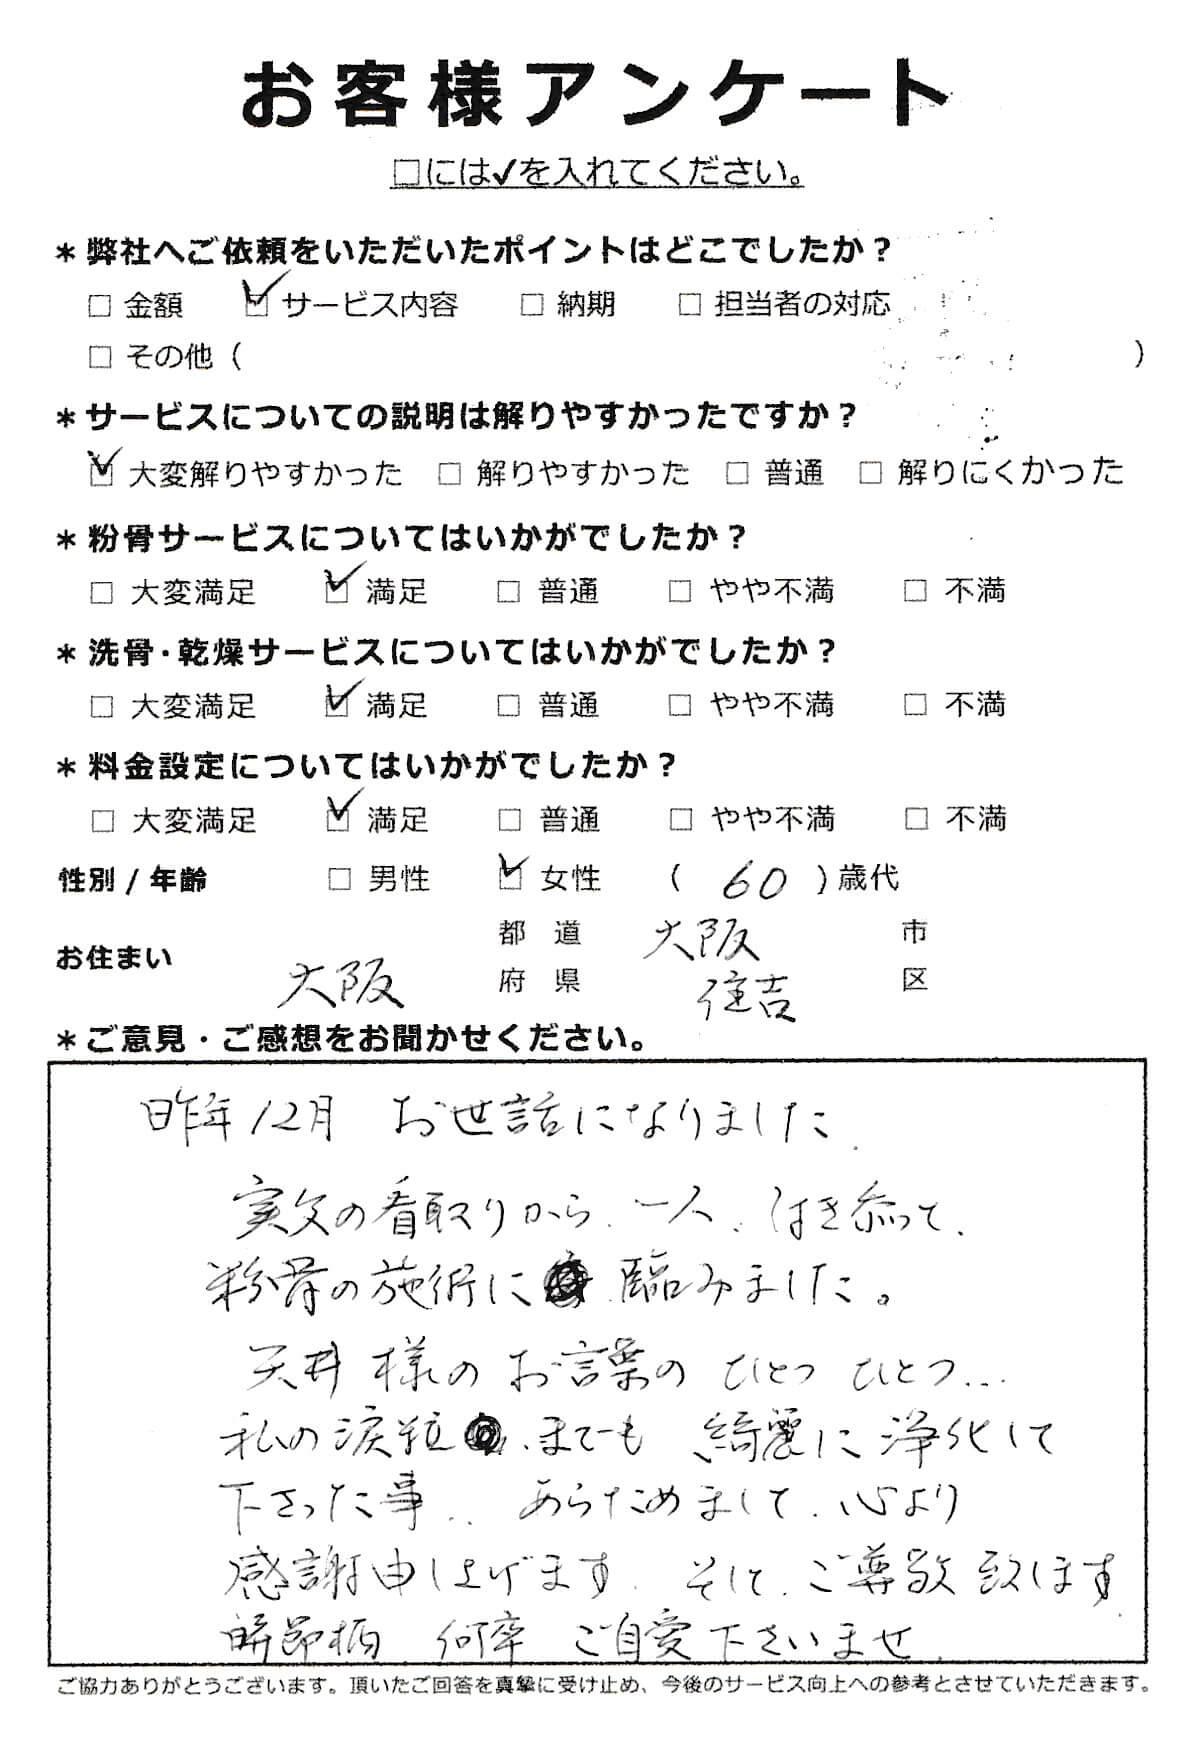 大阪市住吉区での粉骨・洗骨サービス